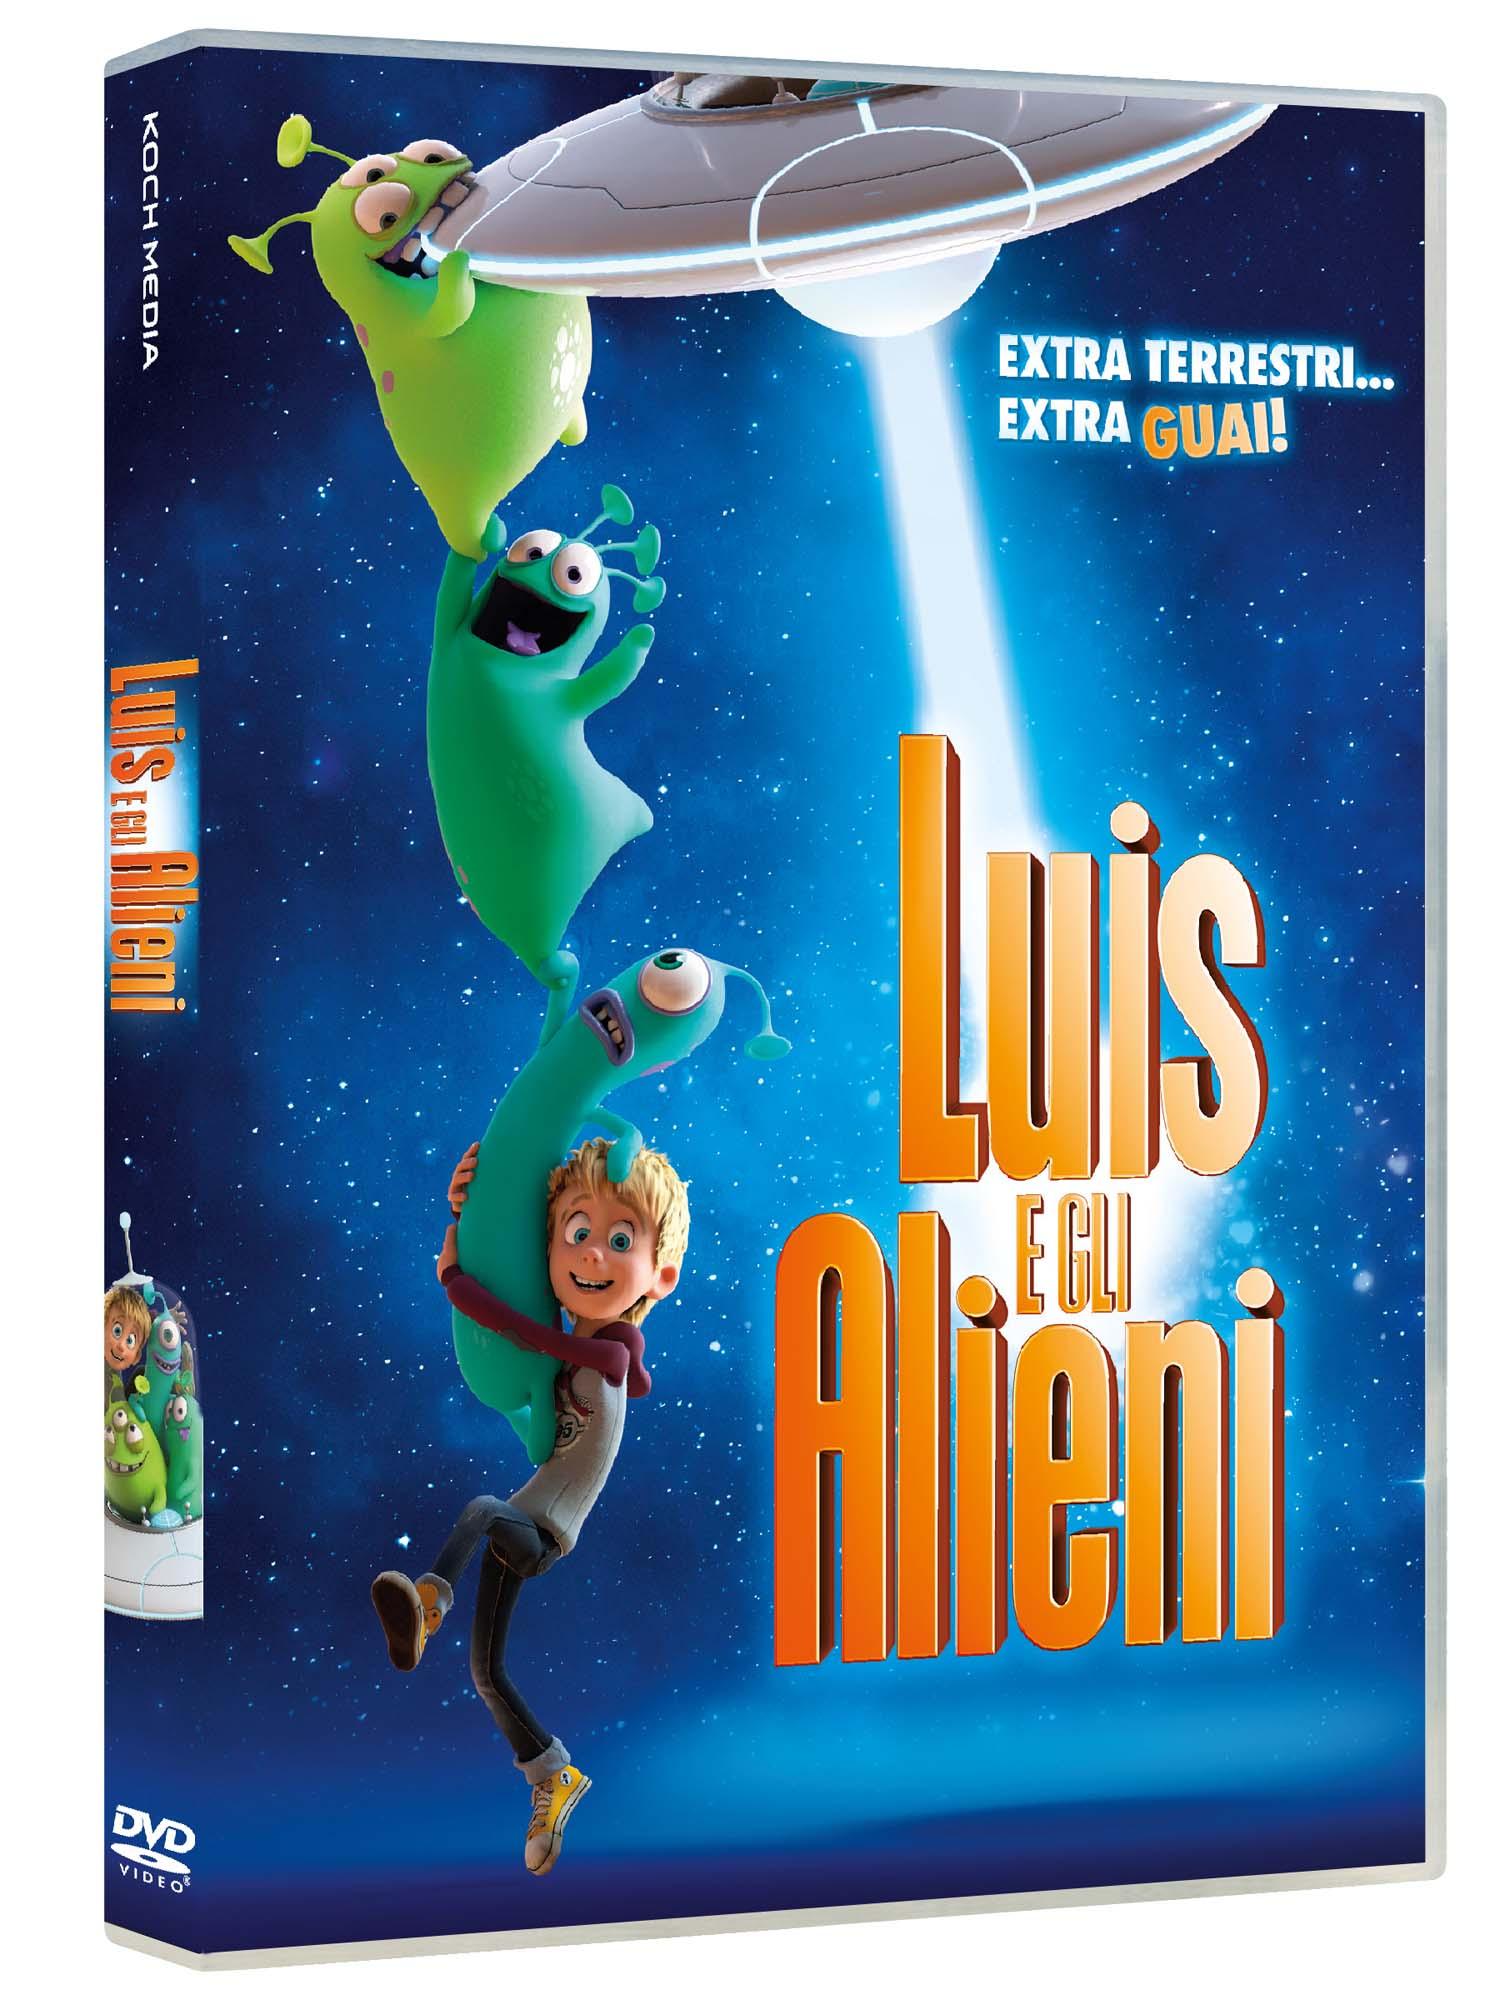 LUIS E GLI ALIENI (DVD)